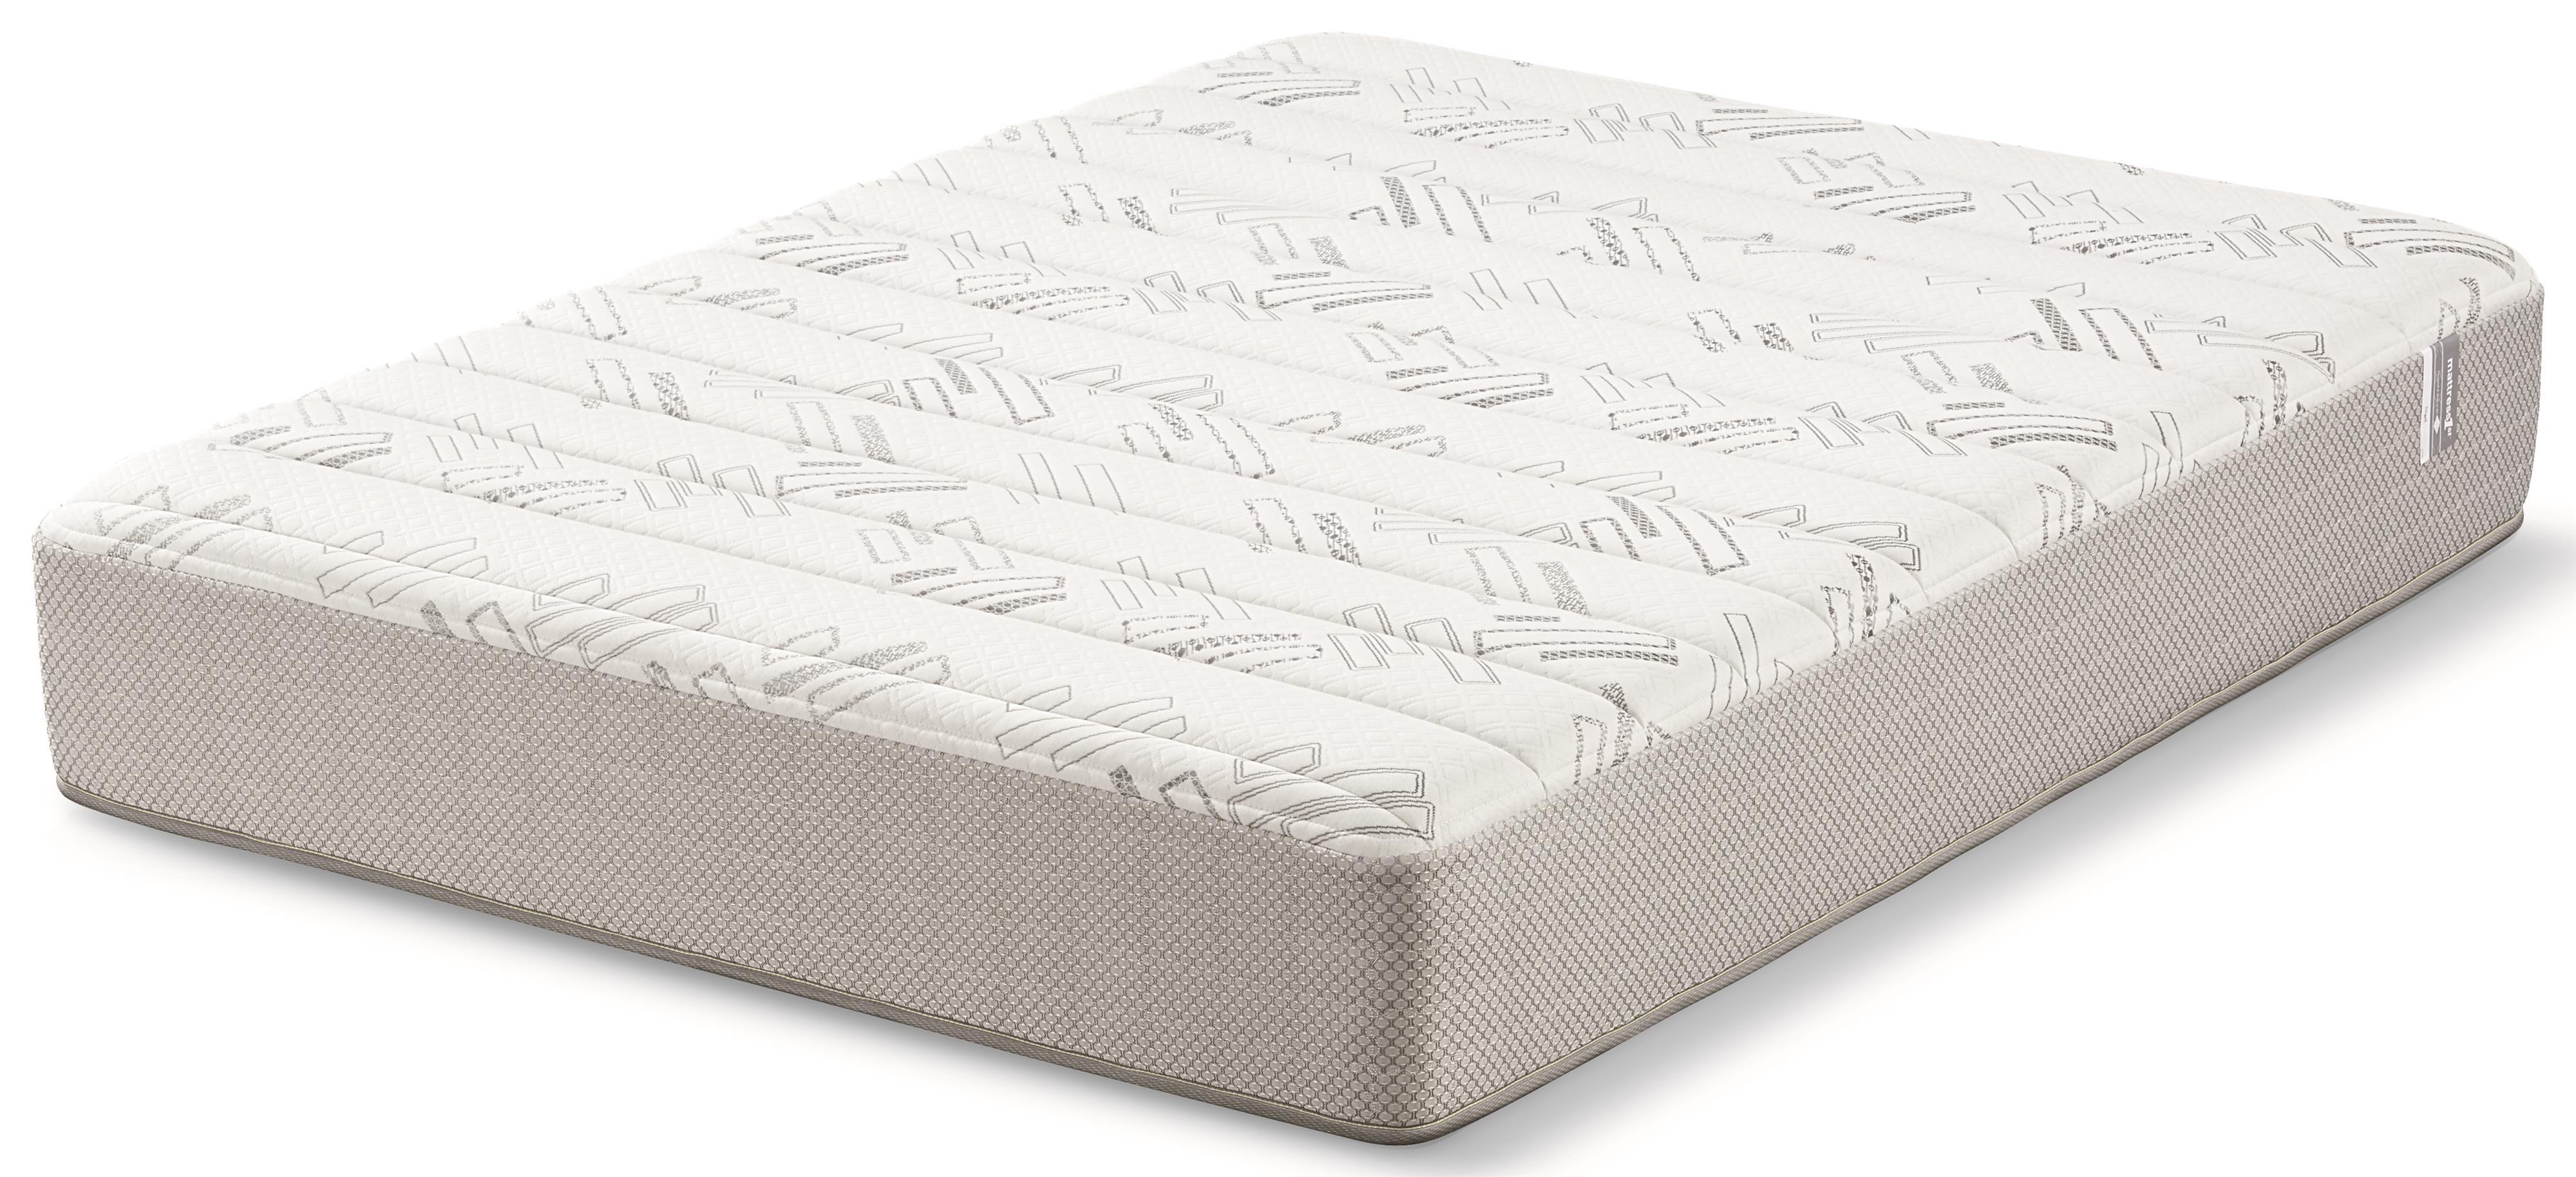 Mattress 1st Nigel King Plush Memory Foam Mattress - Item Number: 500955742-K